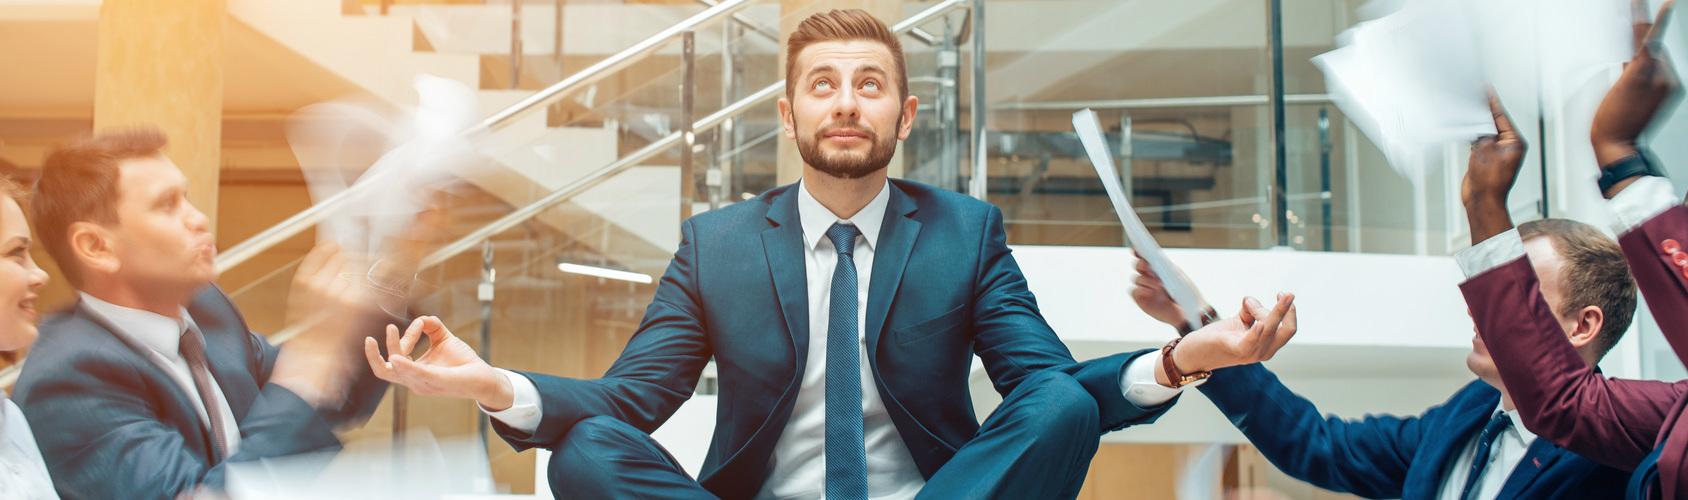 Freiberufler freuen sich über die Berufshaftpflichtversicherung